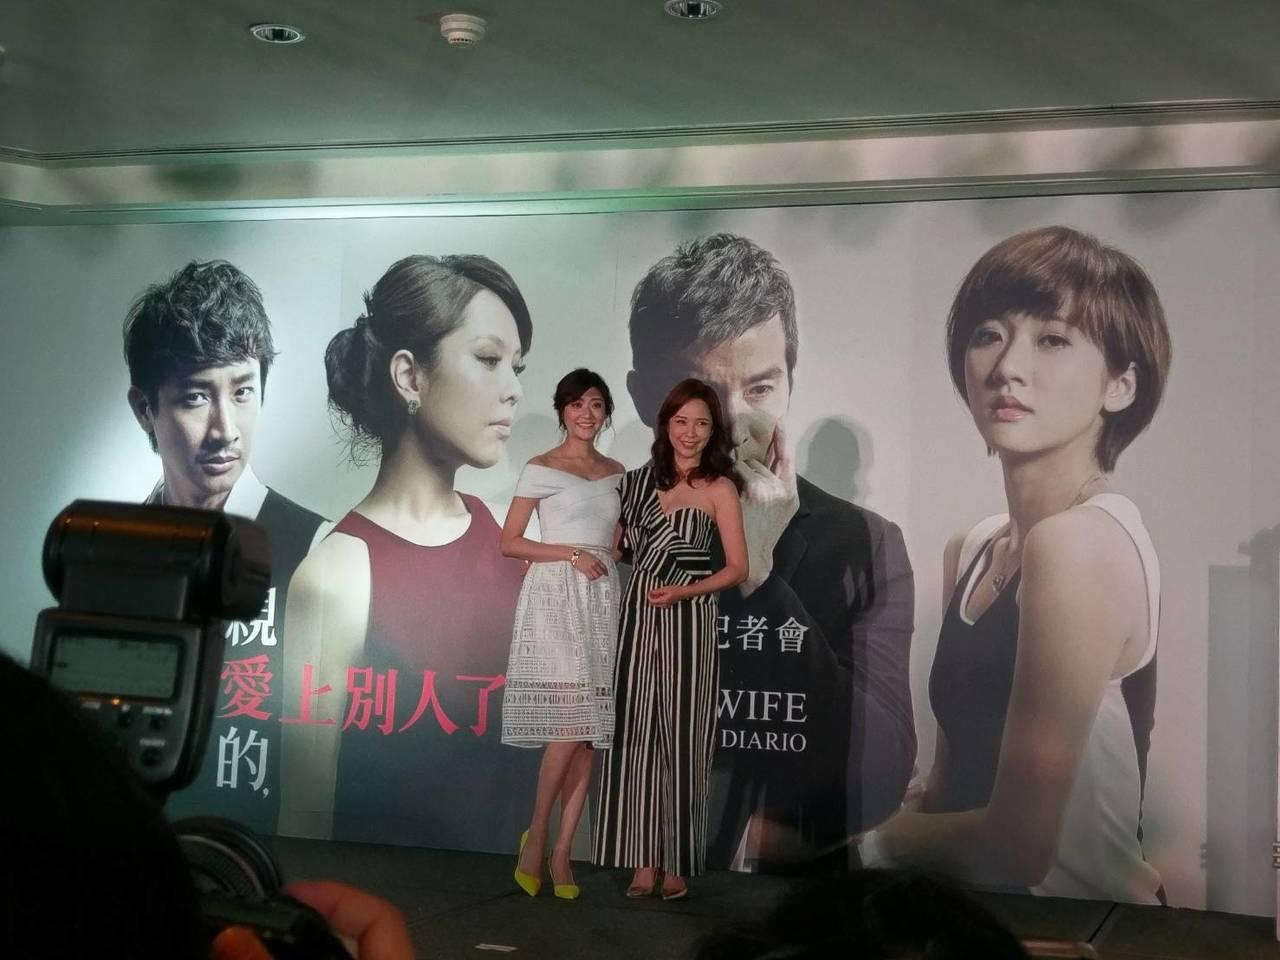 「親愛的,我愛上別人了」劇中演員天心(右)、林逸欣(左)。記者徐偉真/攝影